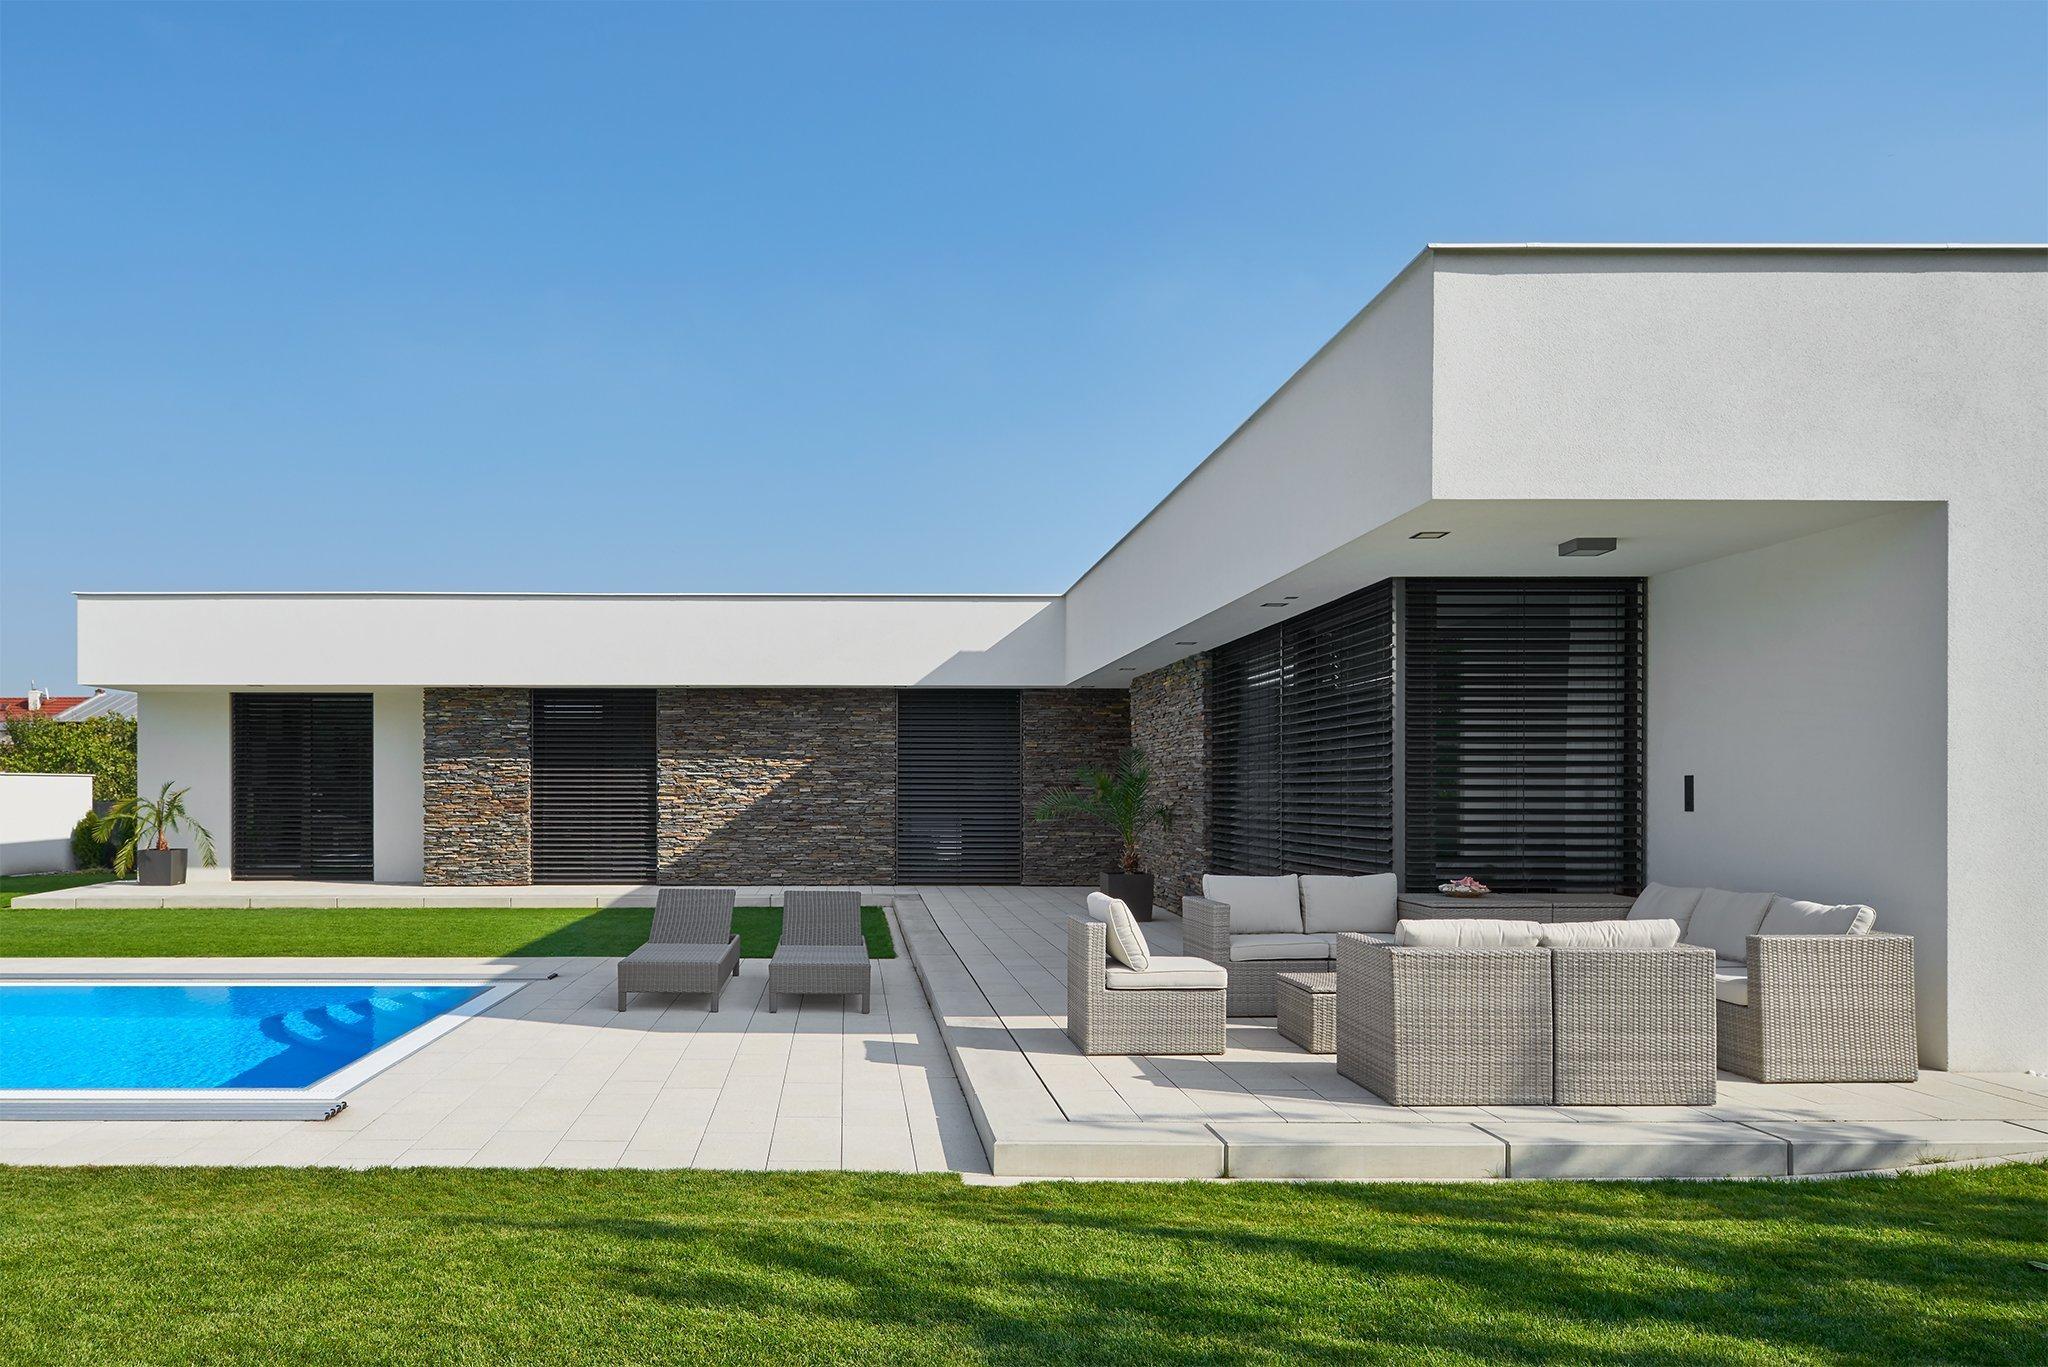 Inspirujte se krásnou realizací našich žaluzií Z-90 na moderním přízemním domě v srdci Moravy. Barva žaluzií a vodících lišt se příjemně doplňuje s obložením z…